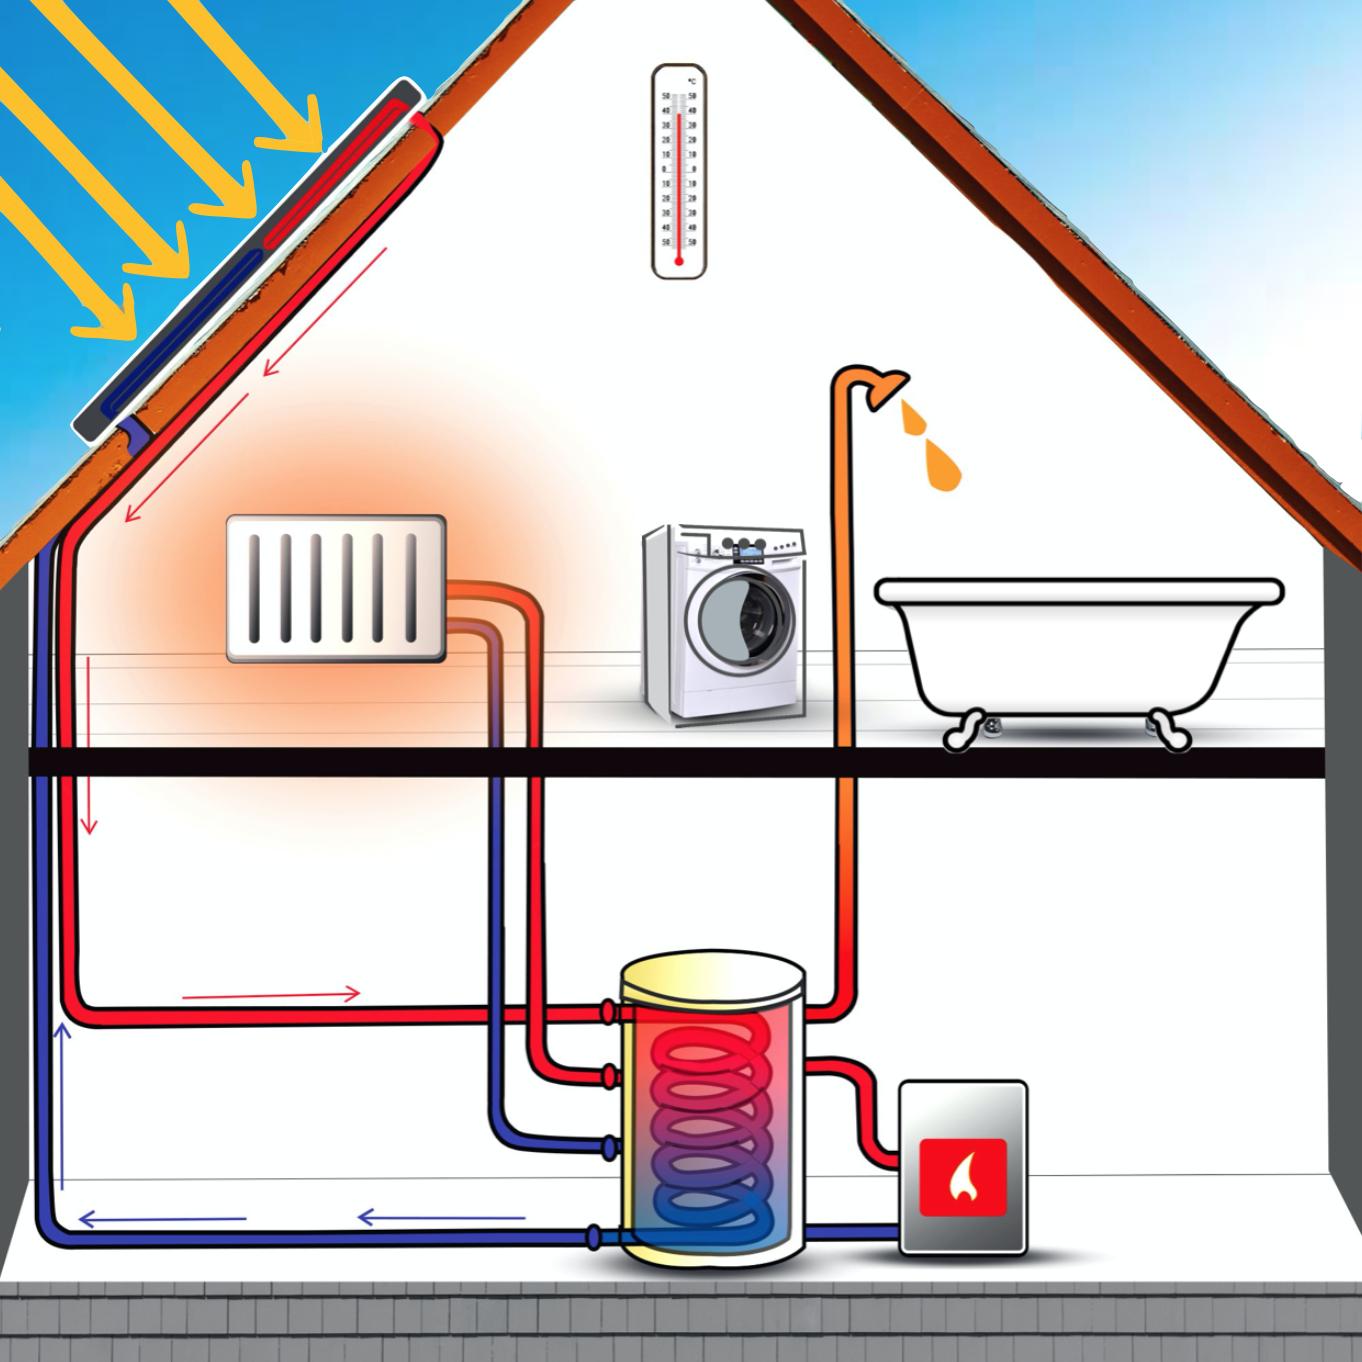 Der Aufbau einer Solarheizung bzw. Solarthermie-Anlage dargestellt duch ein Haus mit Kollektoren, Solarrohren, Heizung, Solarspeicher, Badewanne, Dusche, Thermometer, Waschmaschine und Zusatzheizung.